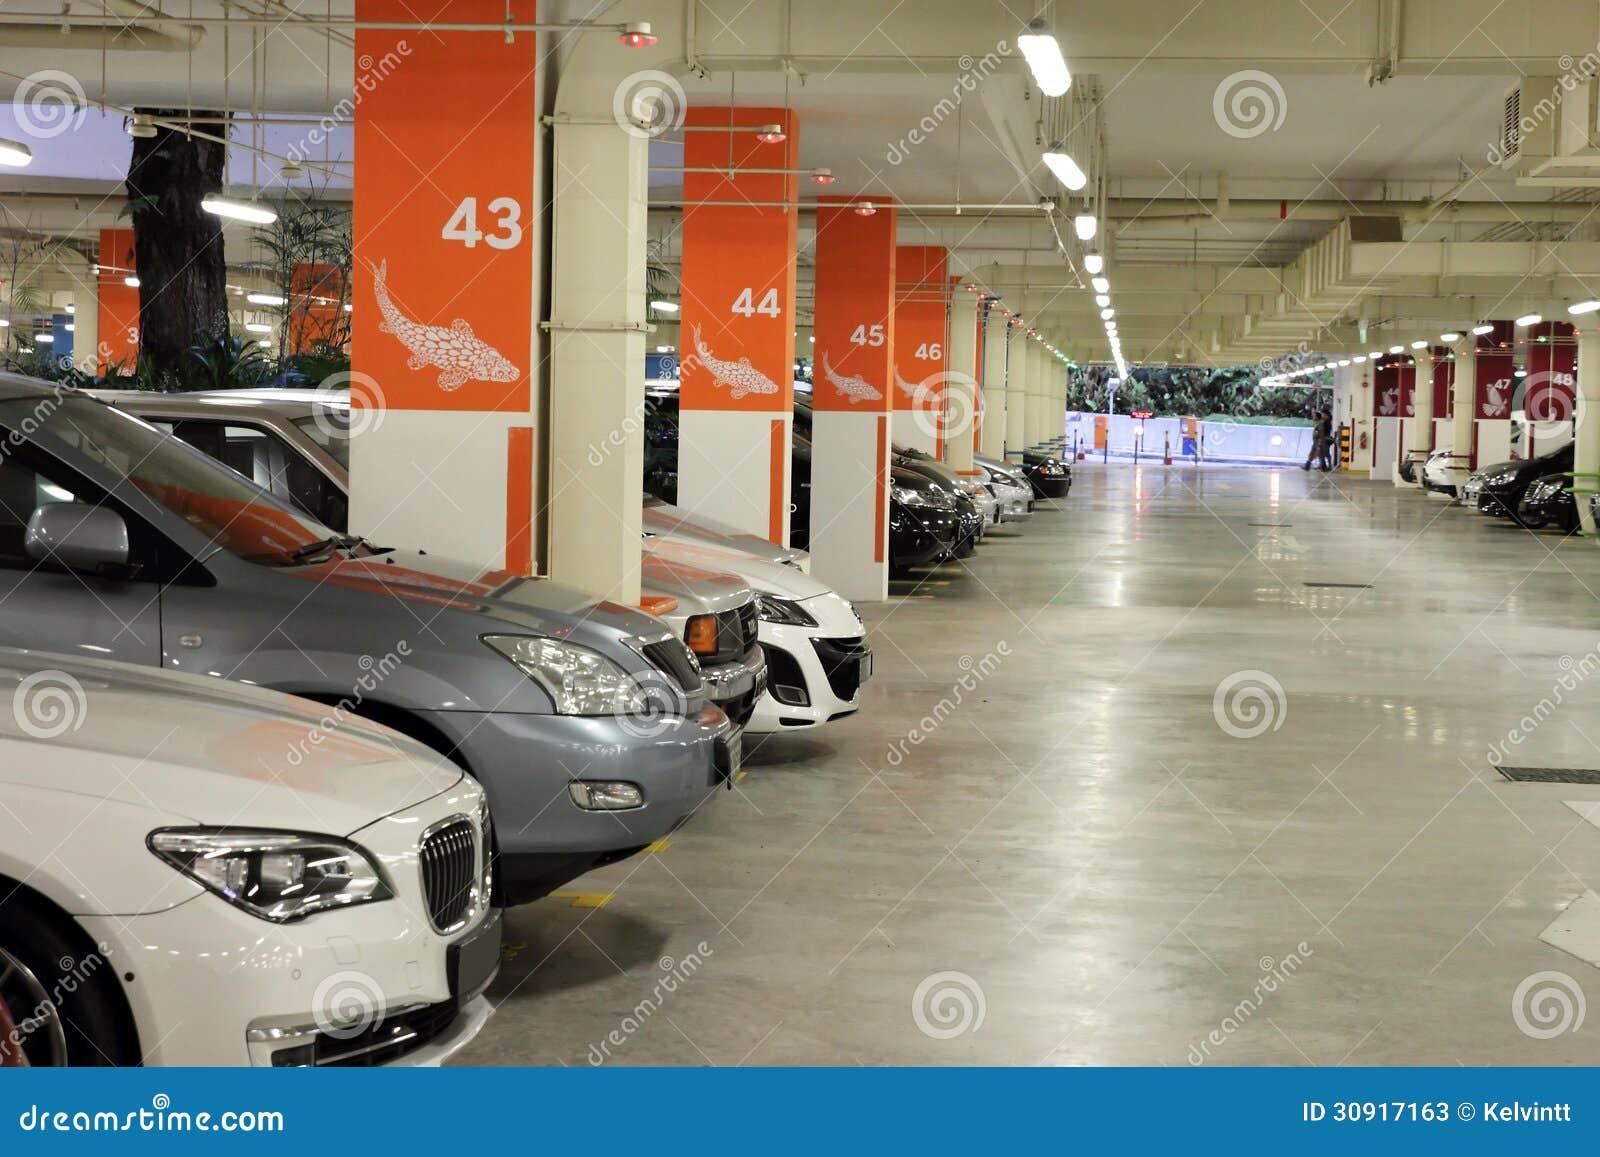 Design of basement car parking - Basement Car Park Lots